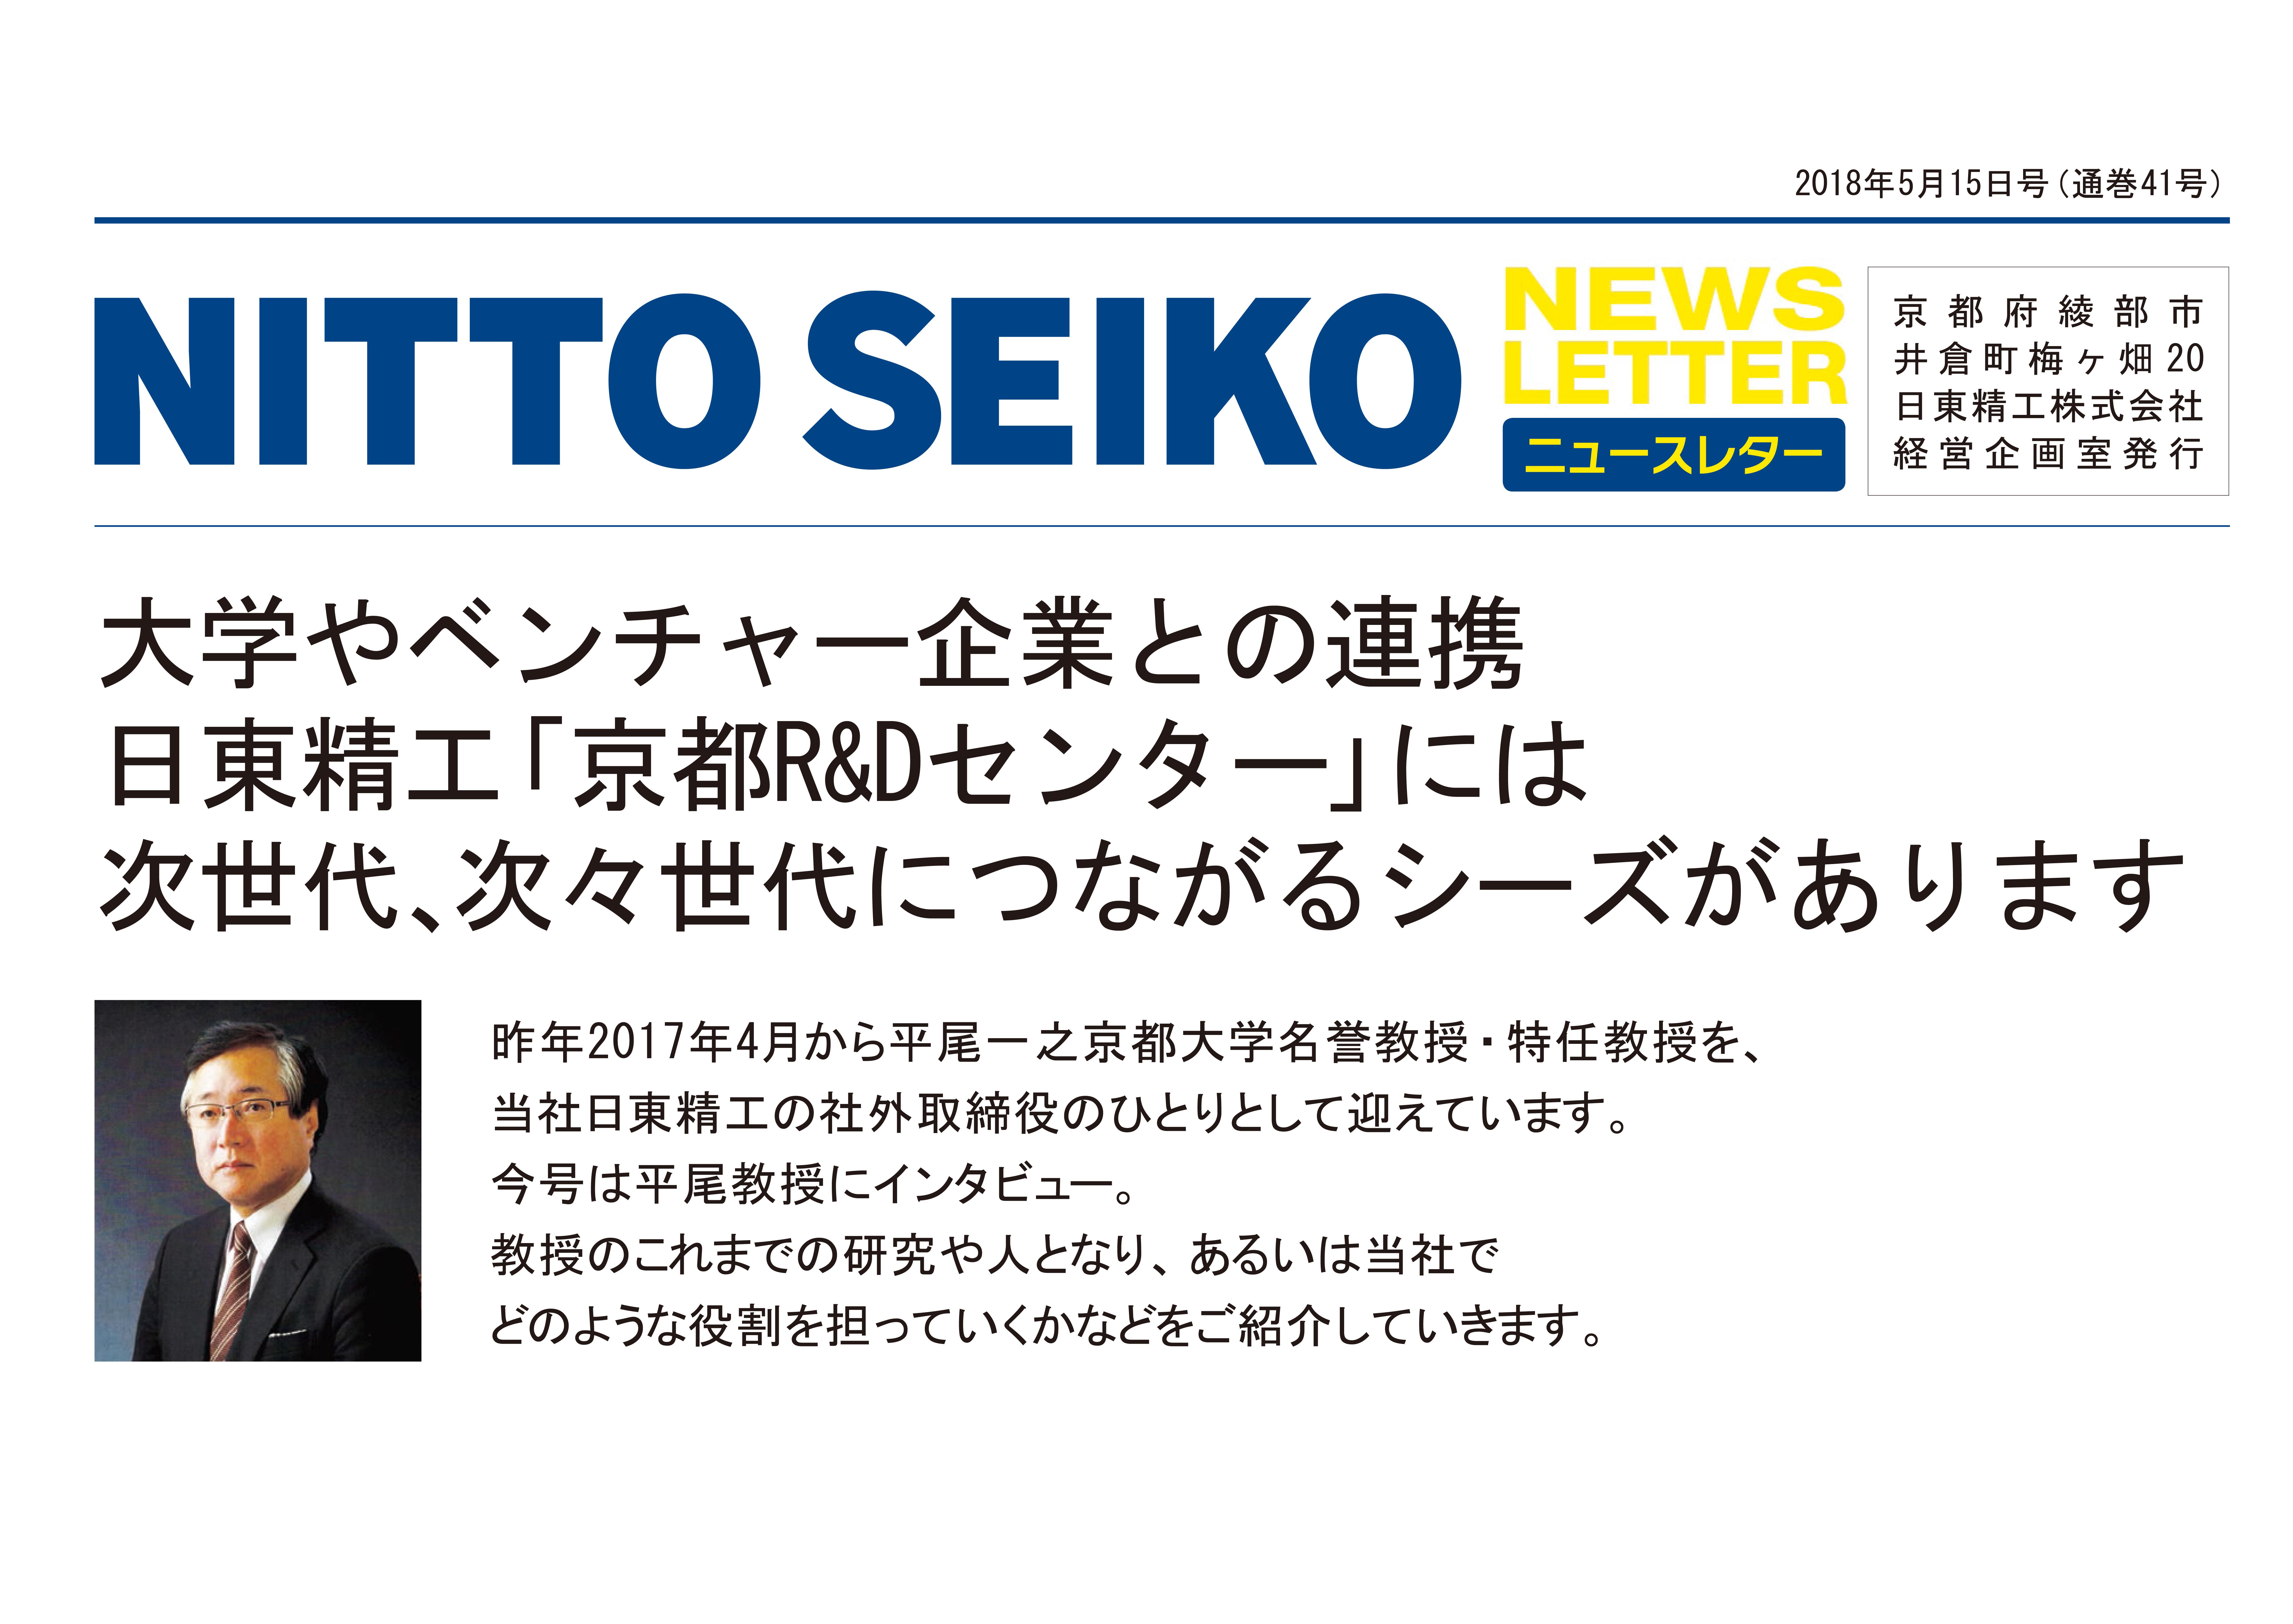 【ニュースレター・2018年5月号(第41号)】日東精工「京都R&Dセンター」には次世代、次々世代につながるシーズがある